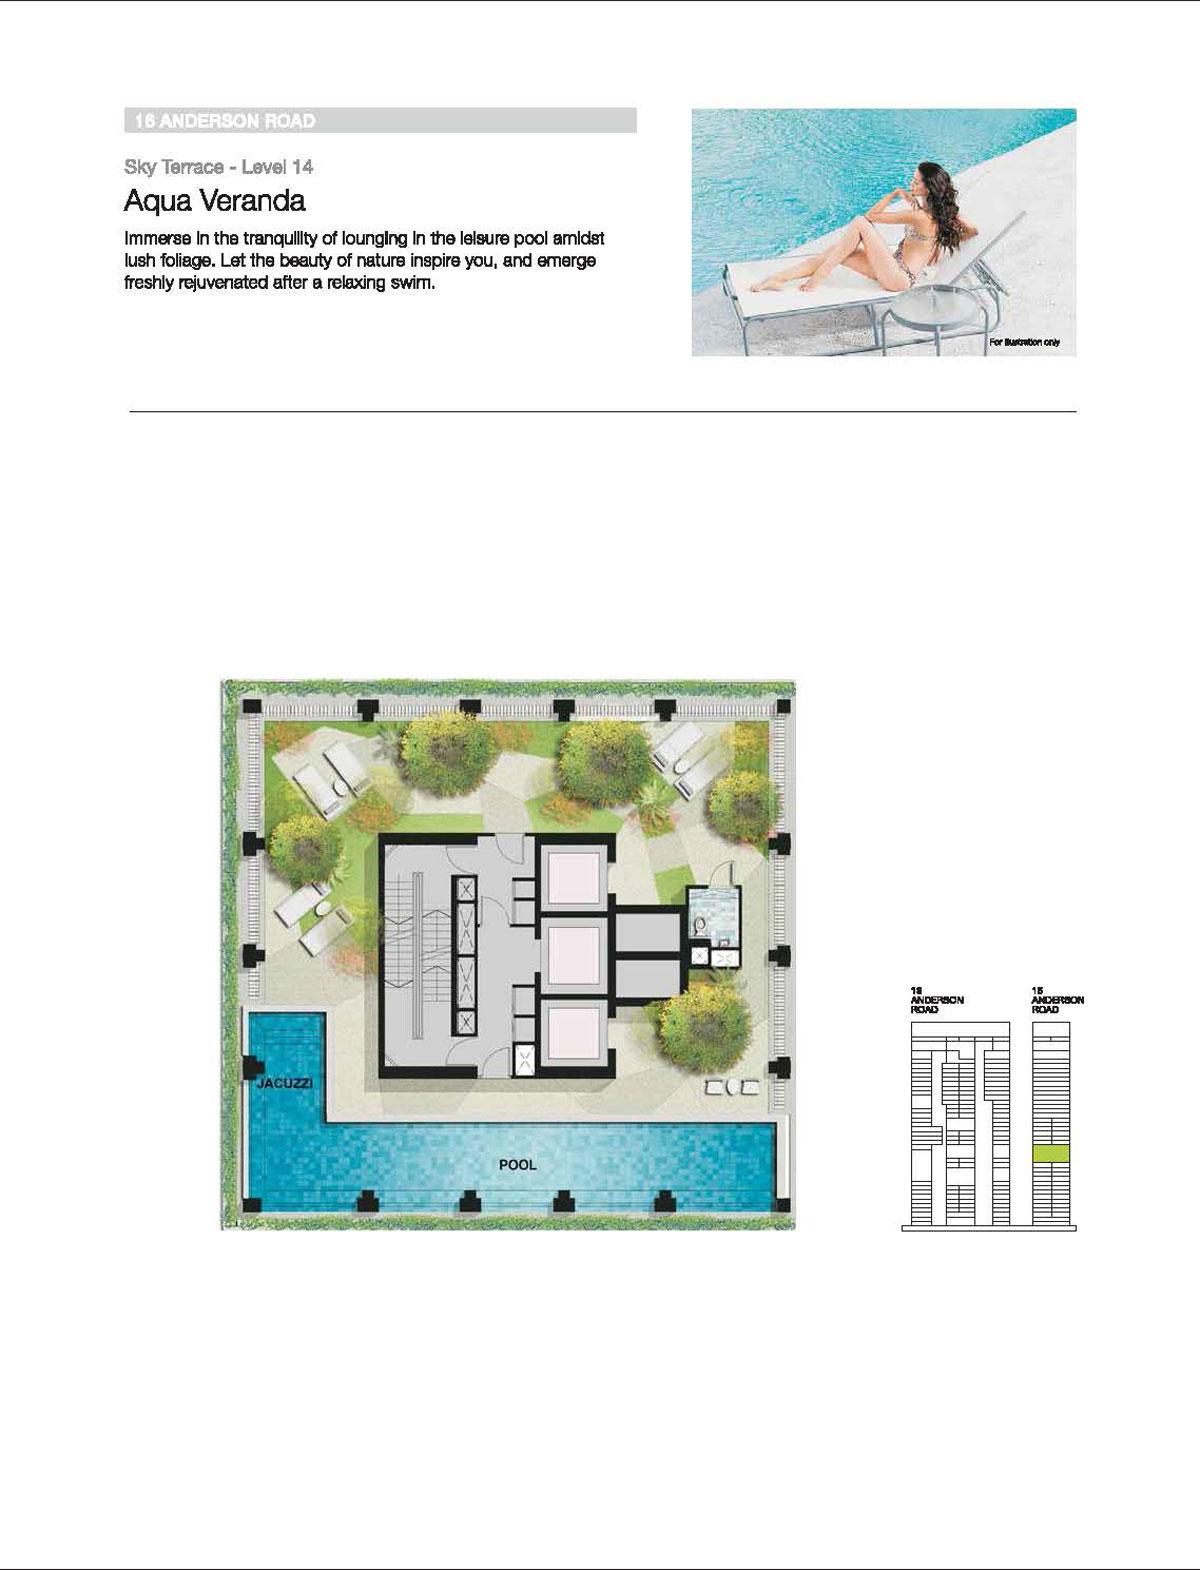 Nouvel-18-Site-Plan2.jpg